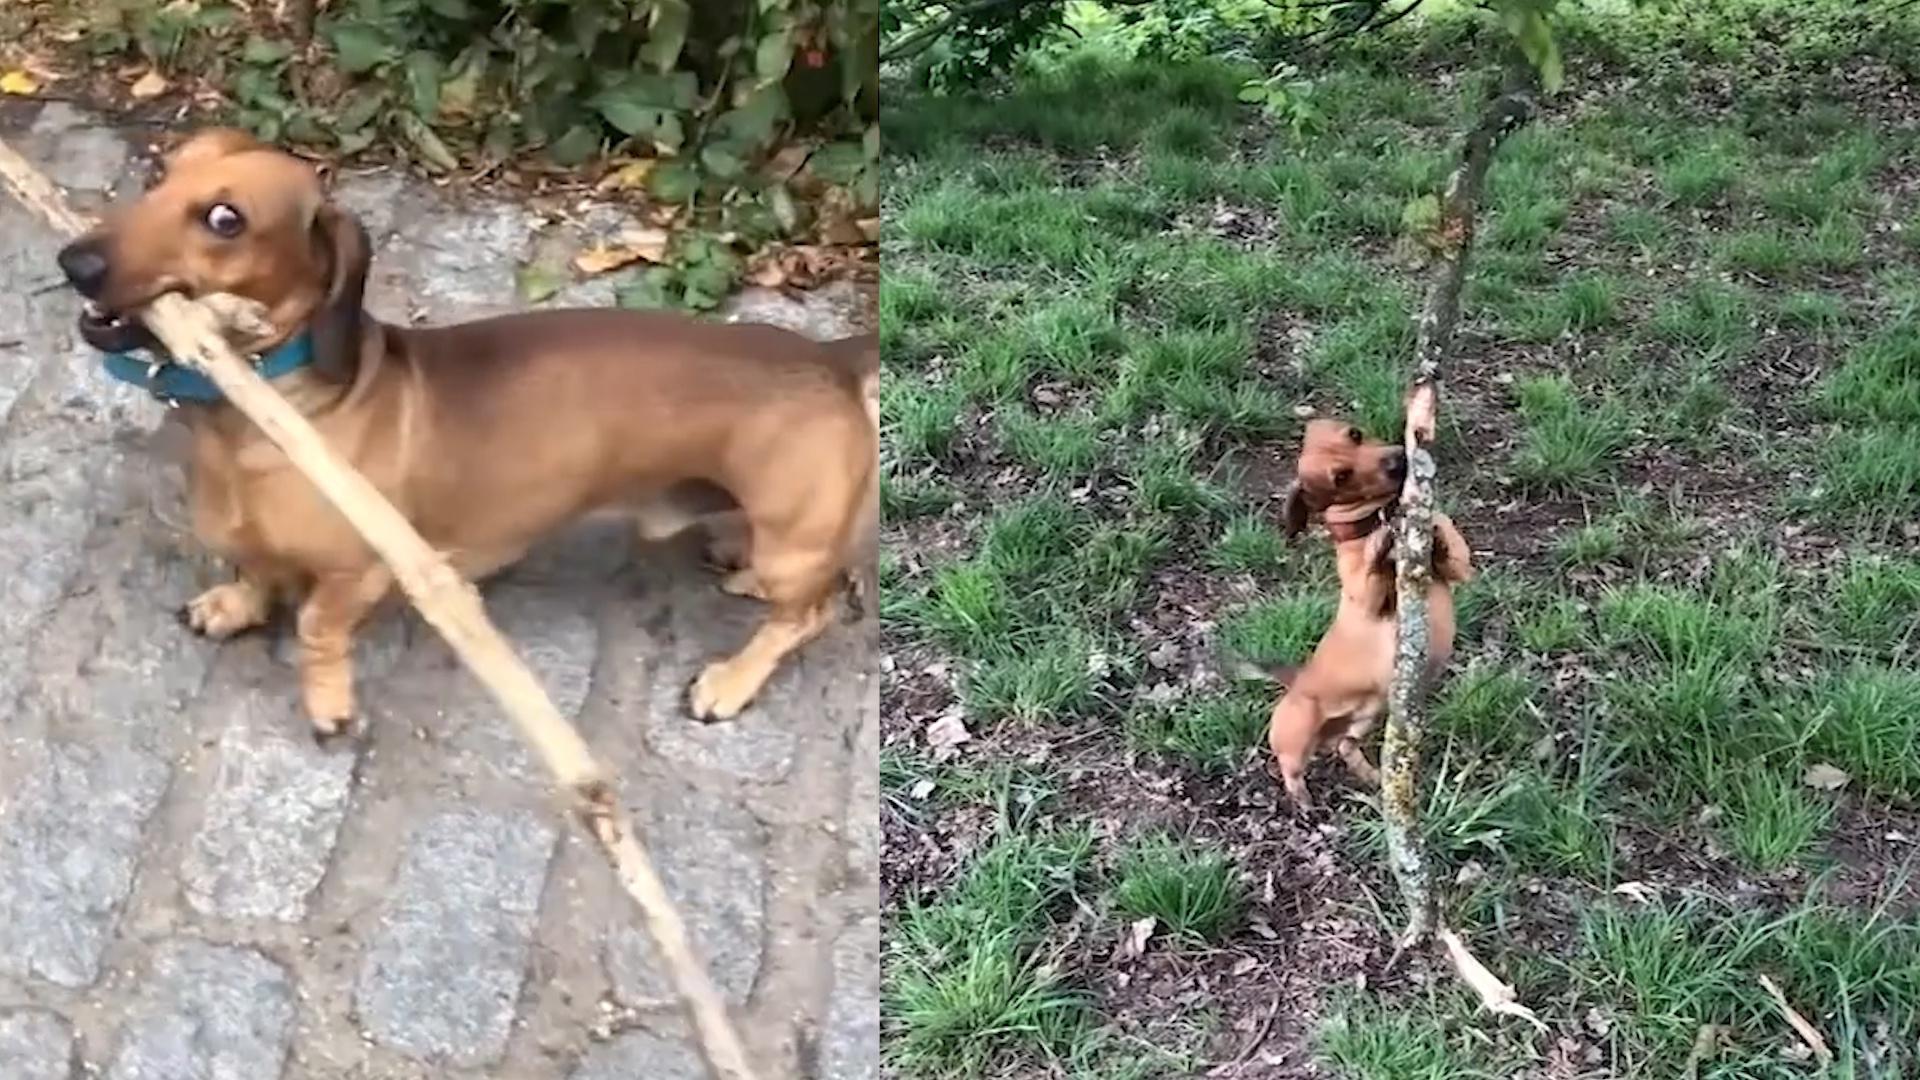 小腊肠犬迷上大树枝,叼2米长树枝逛公园,过路墩时被卡路人笑喷